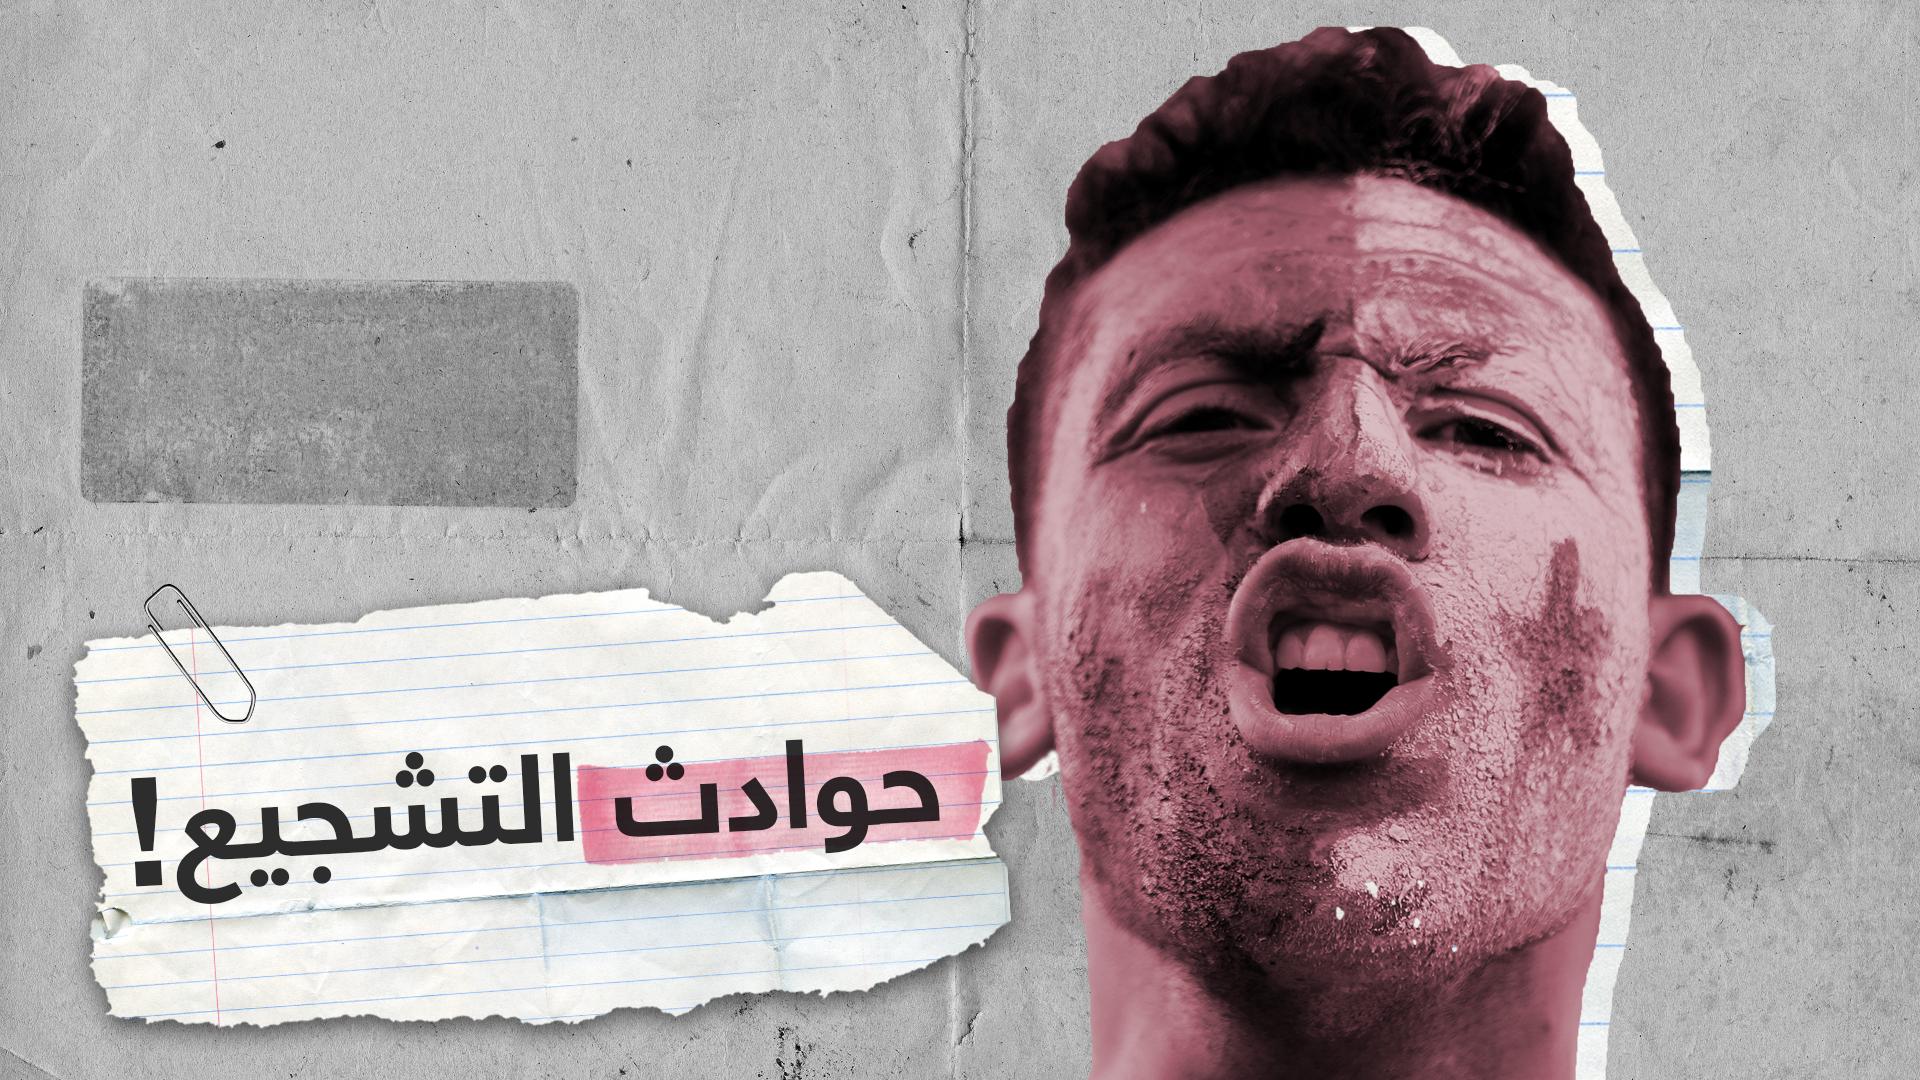 موت واعتقالات واشتباكات.. الوجه الآخر لصعود الجزائر لنهائي الكان 2019